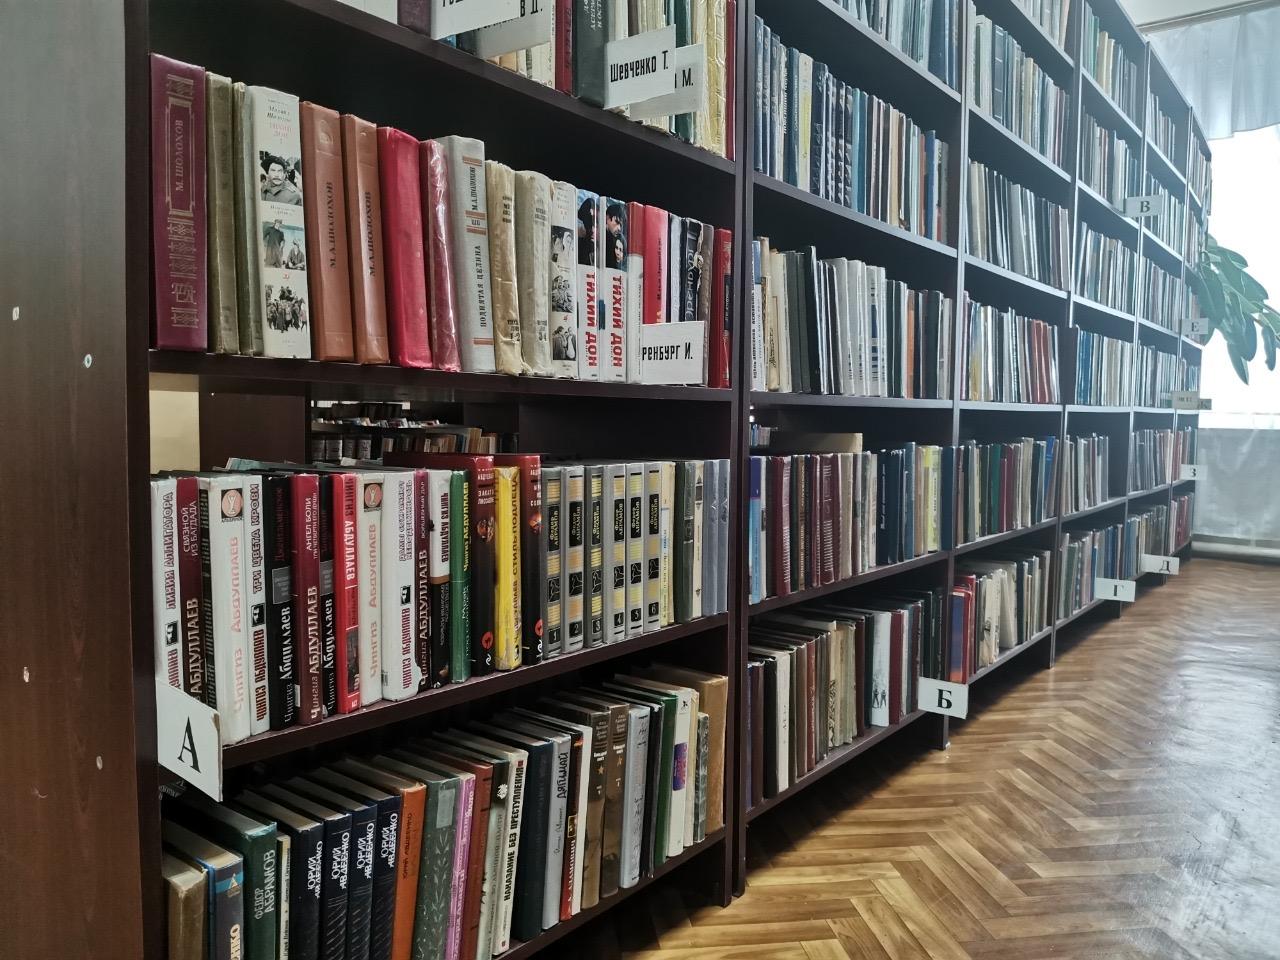 Интерактивное мероприятие подготовят в библиотеке Дома культуры «Юбилейный» в Роговском. Фото предоставили сотрудники библиотеки.